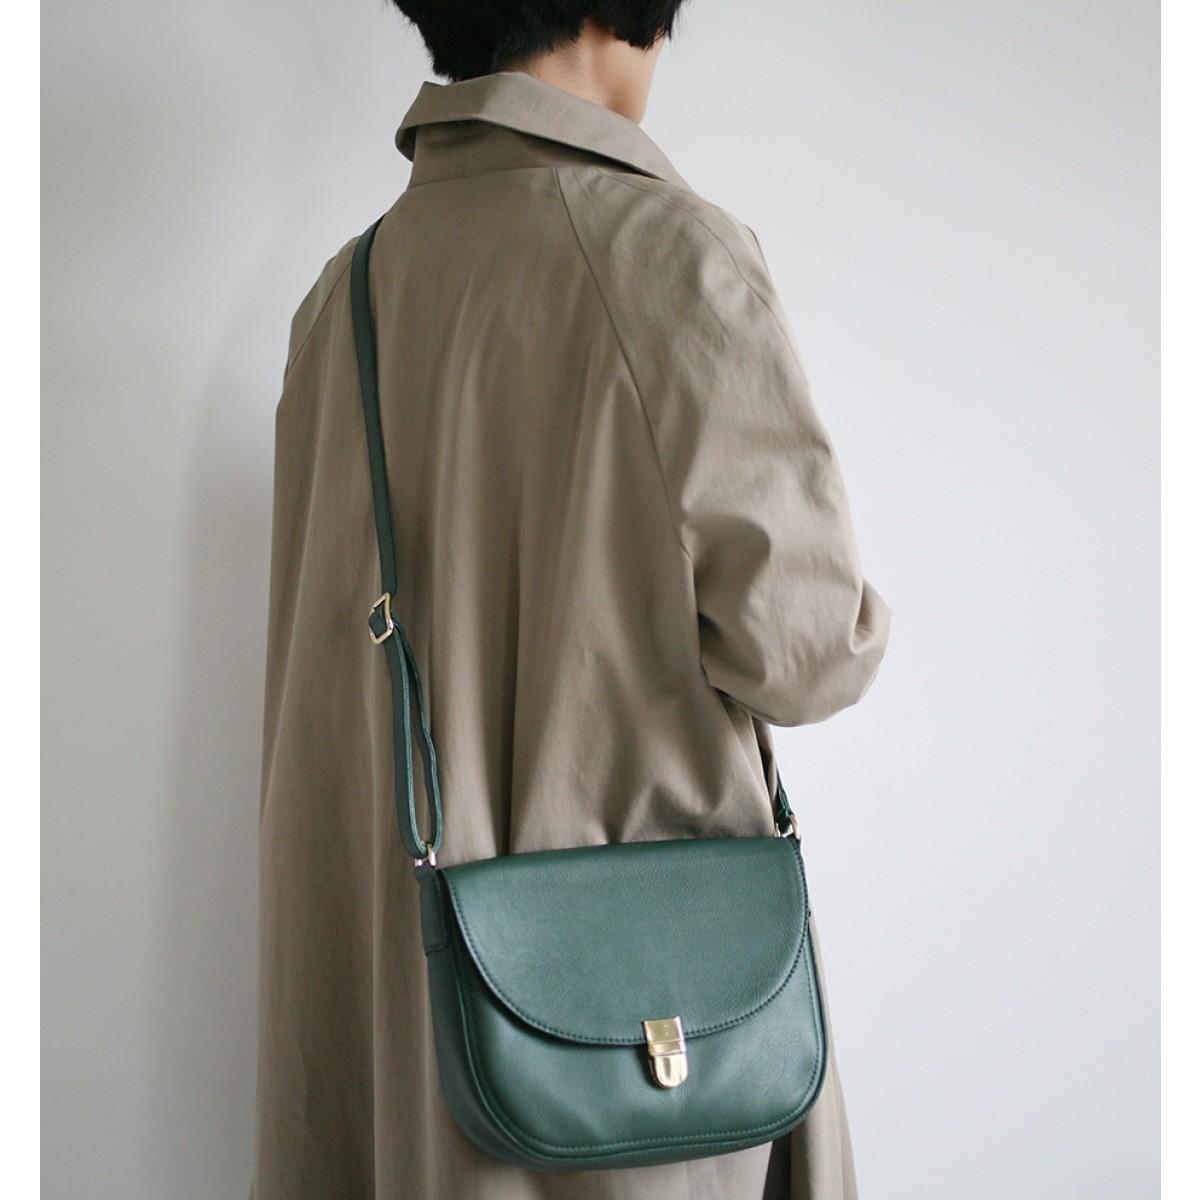 alexbender – Satteltasche mit Steckschnalle Tannengrün